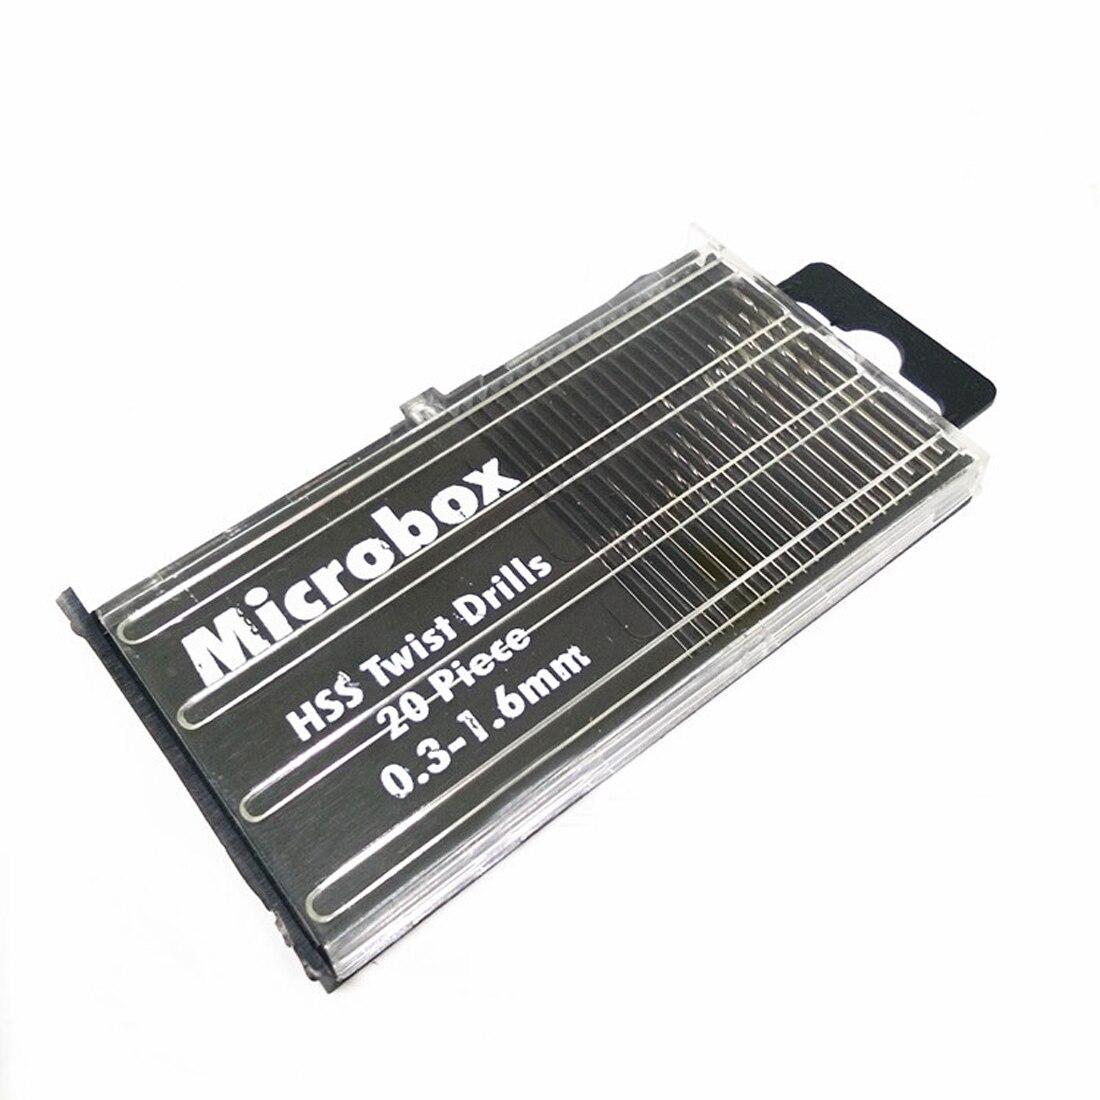 20Pcs/set 0.3mm-1.6mm Mini High Speed Steel HSS Micro Twist Drill Bit Set Power Tools Model Craft With Case Repair Parts Taladro